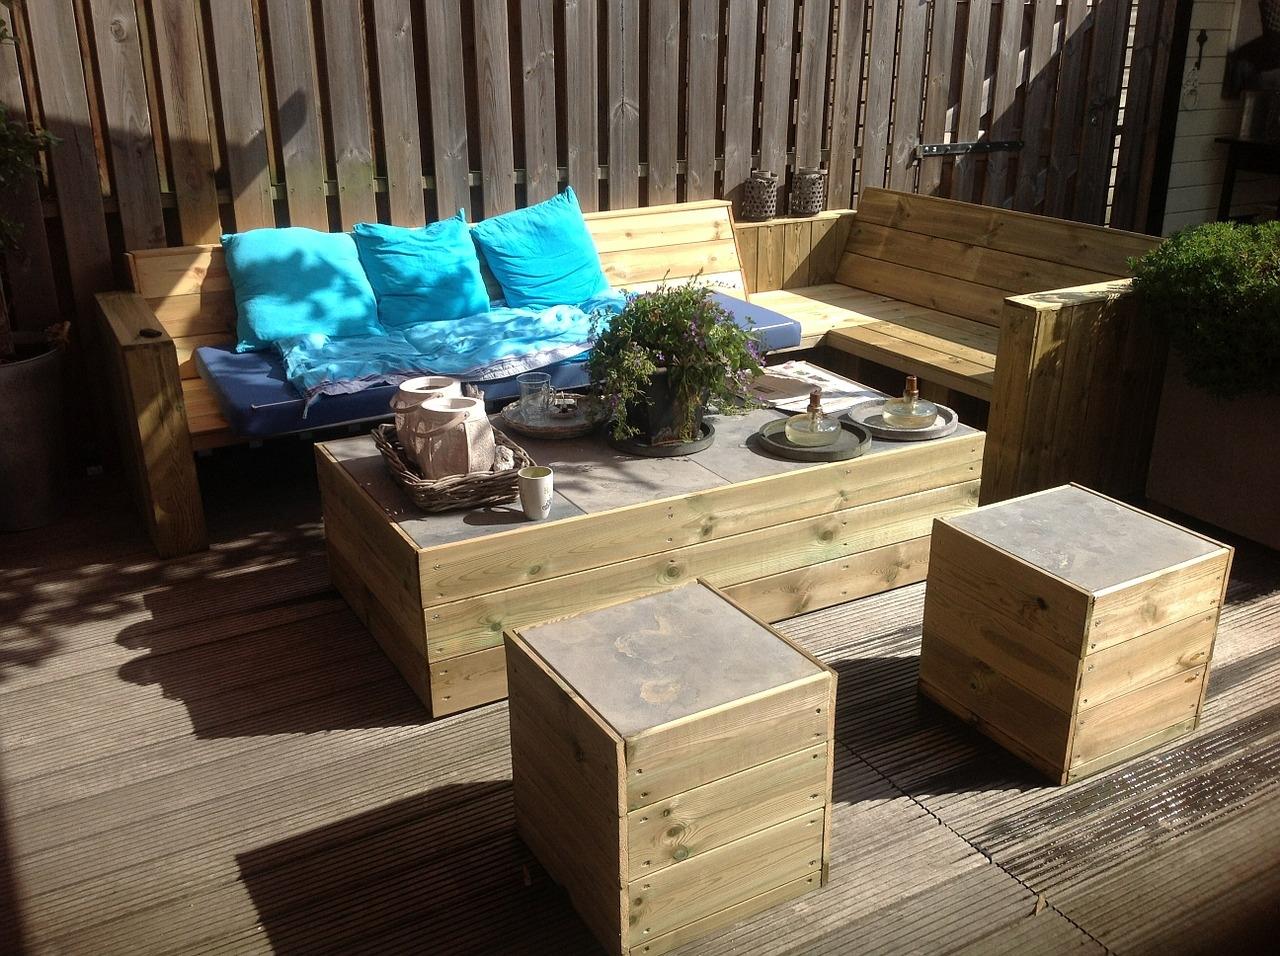 Hoe blijft uw tuinhout in goede conditie?